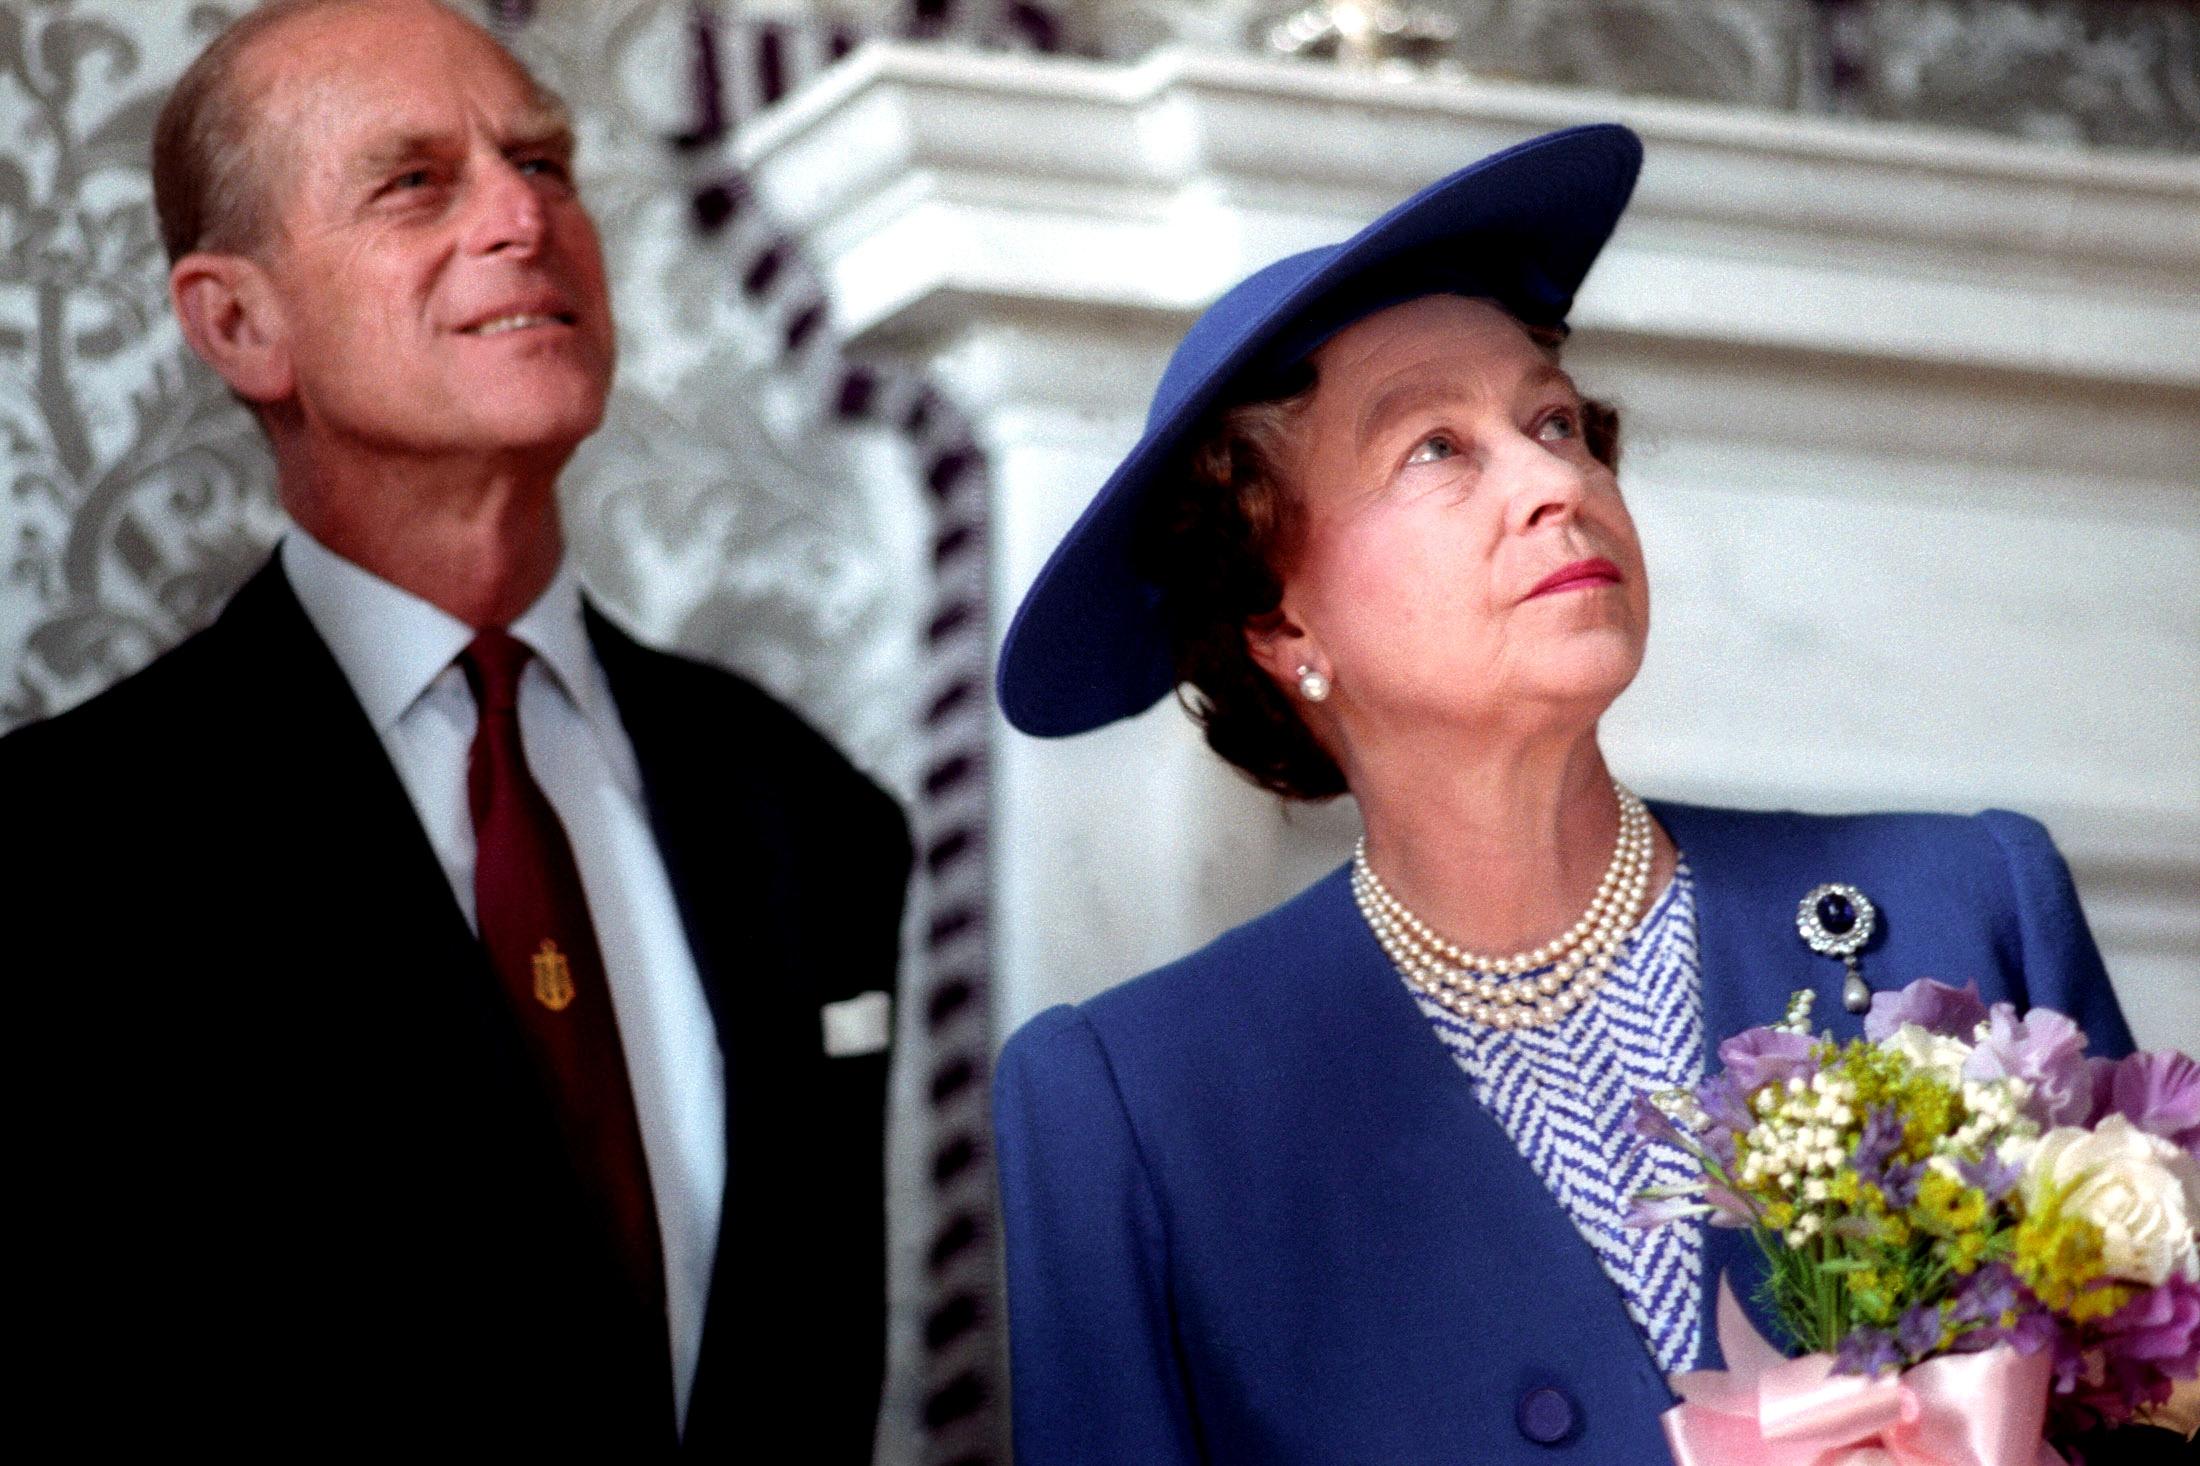 Nữ hoàng Elizabeth II và Hoàng thân Philip vào năm 1990. Ảnh: Reuters.